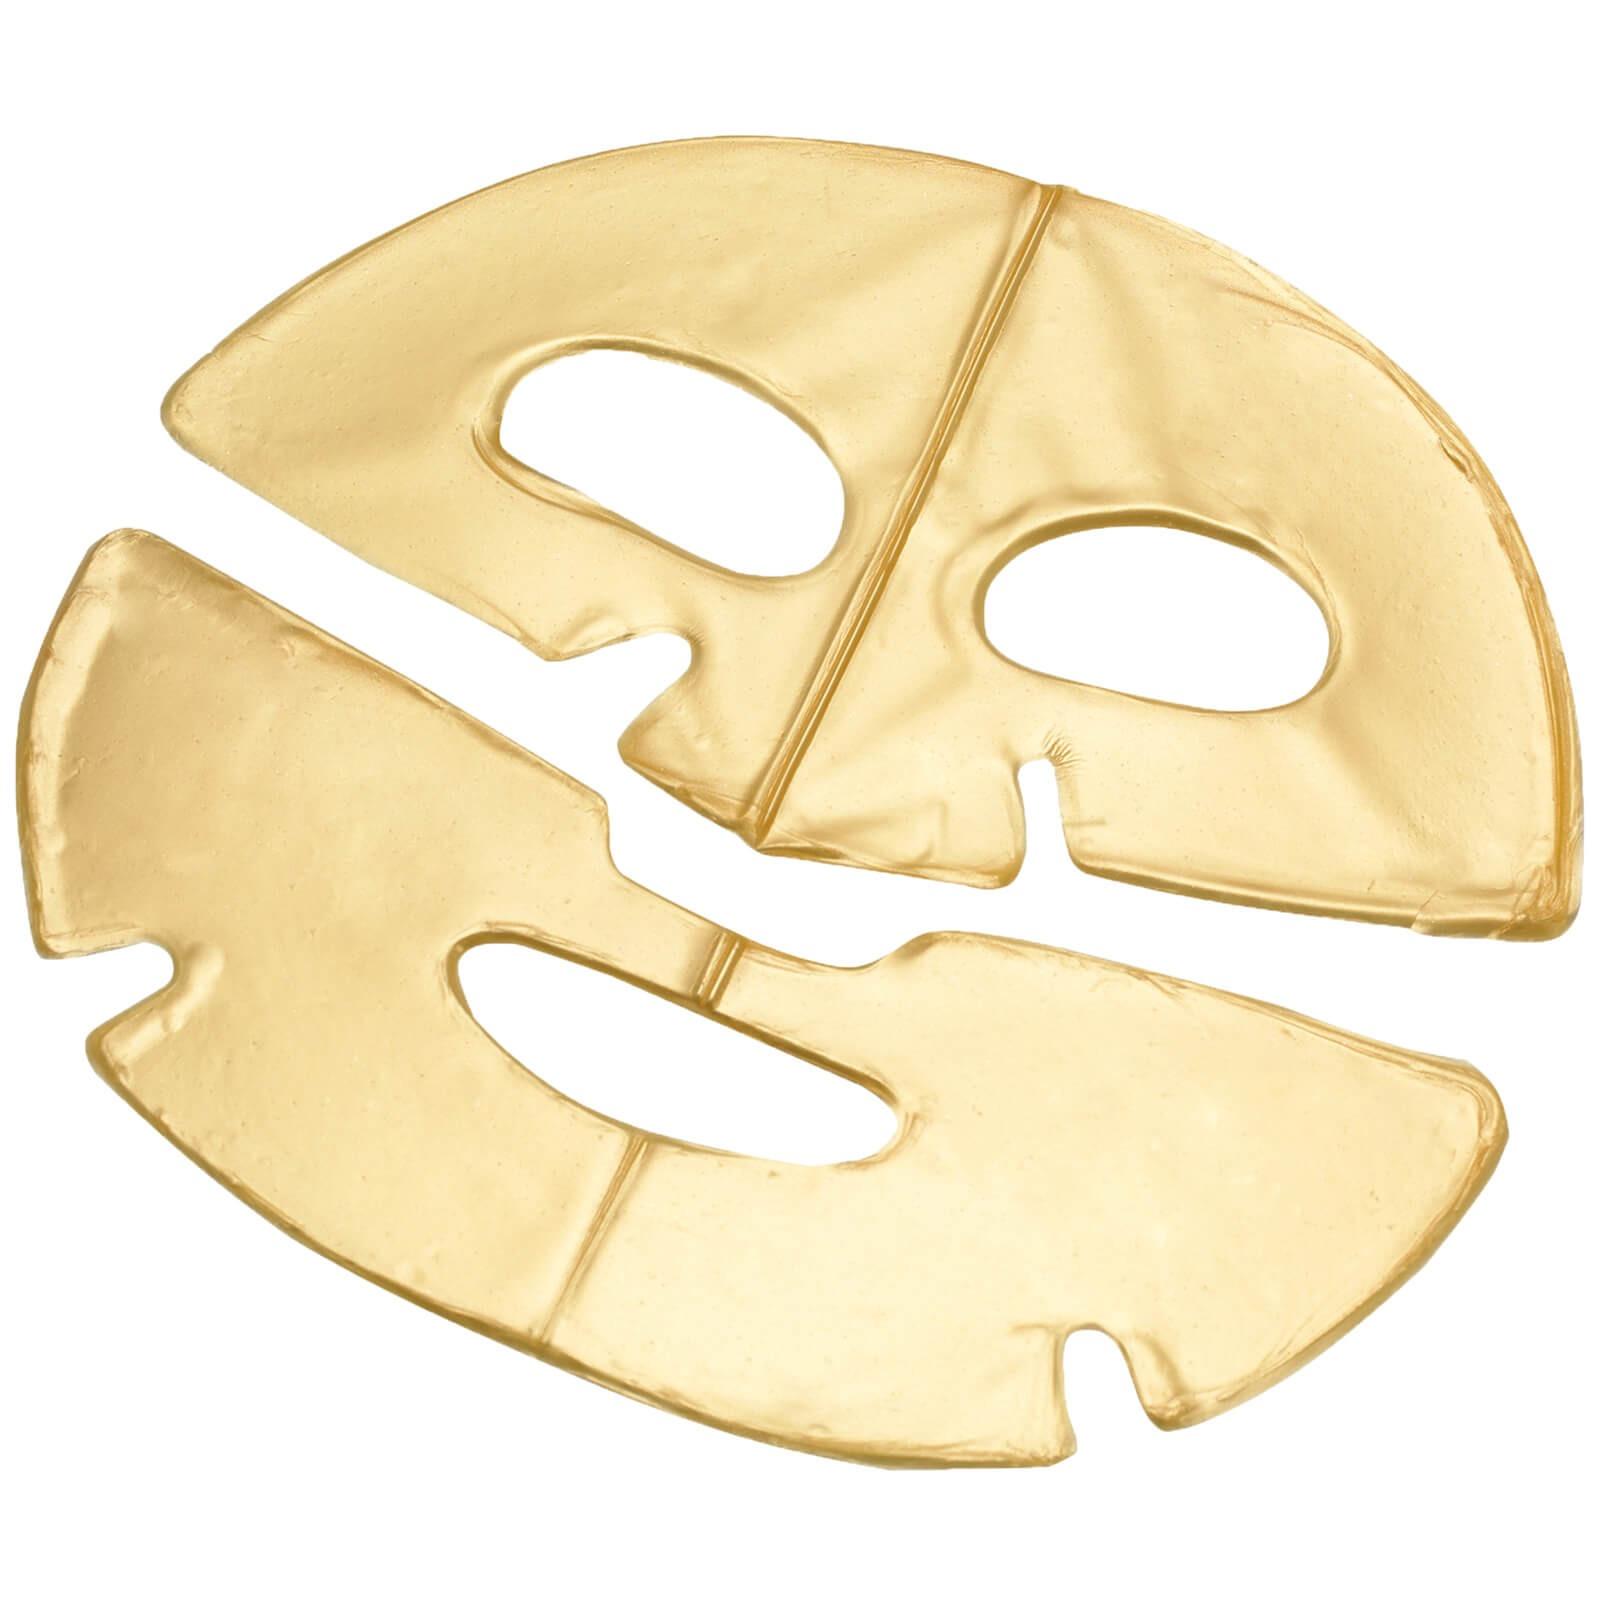 大金脸面膜 5片